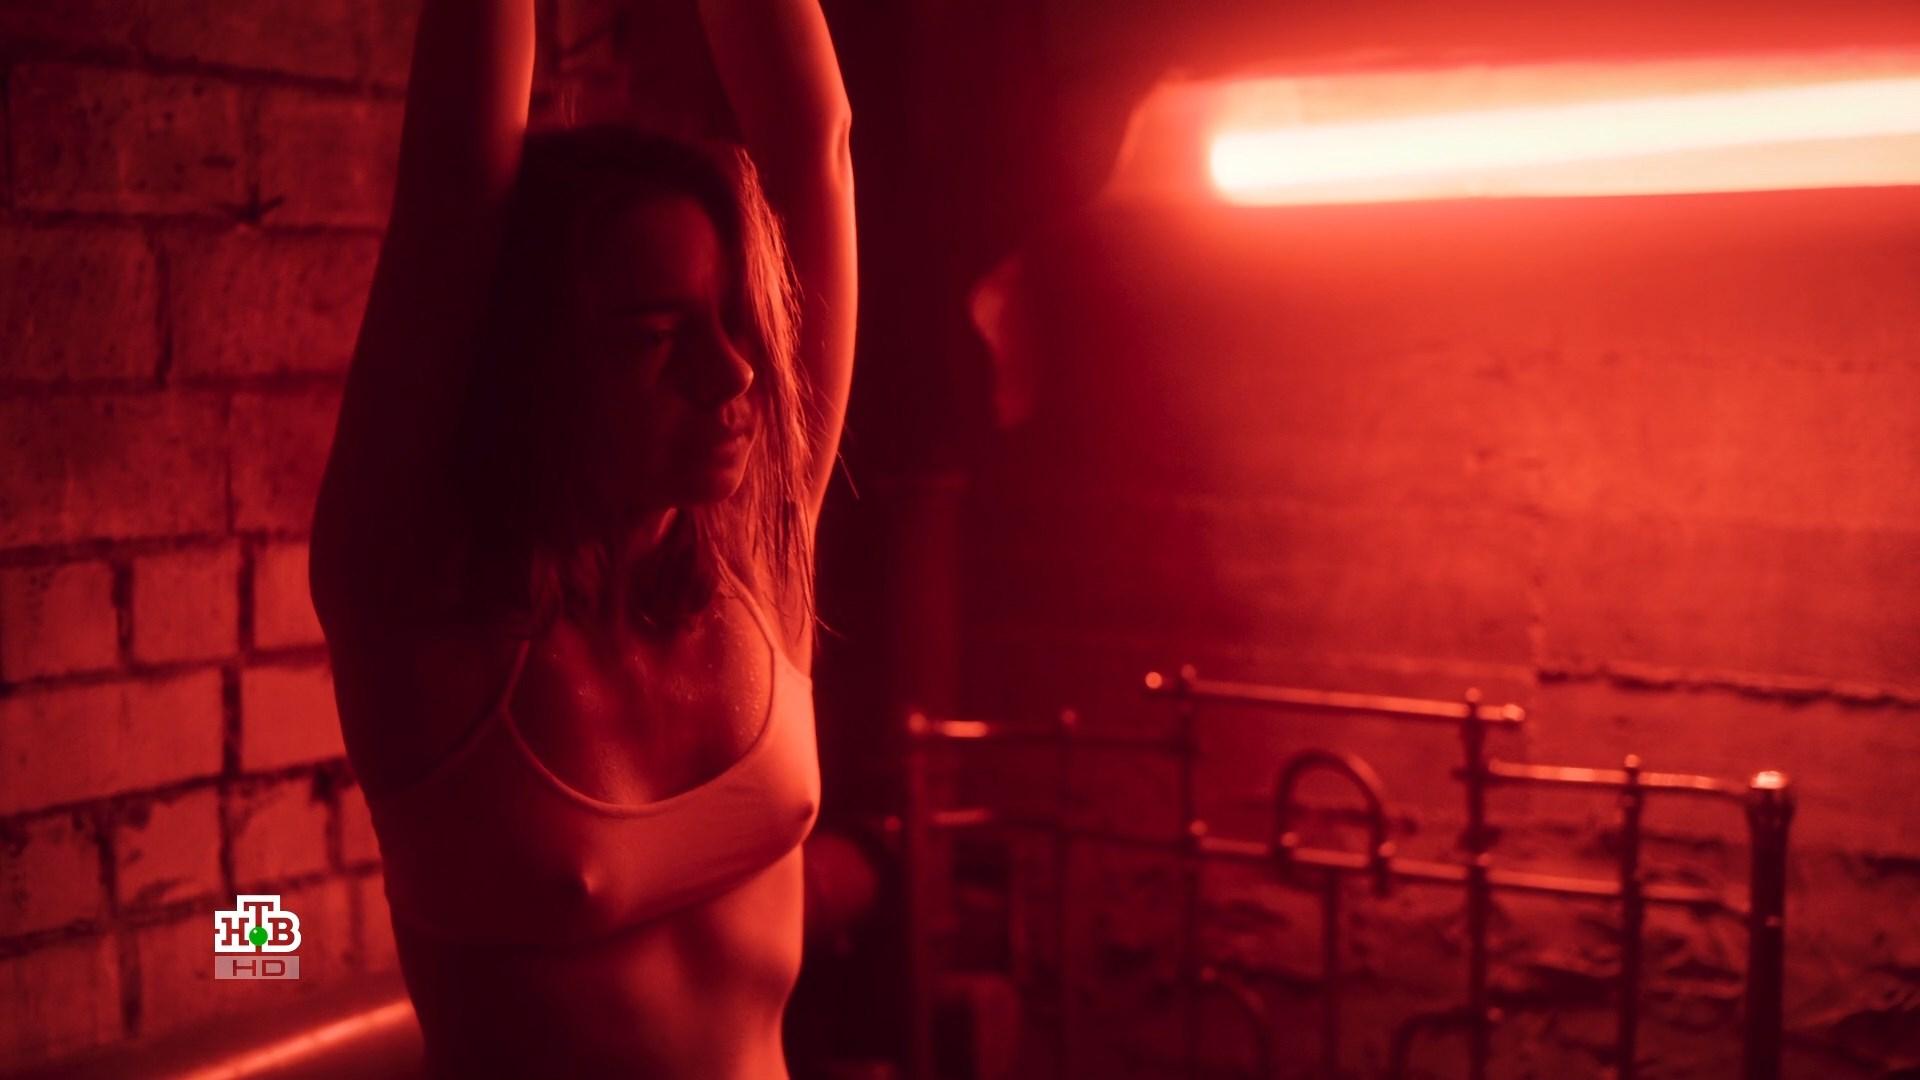 Вера Панфилова. Случайный кадр (3 серия)(2019).ts_snapshot_01.41.968.jpg